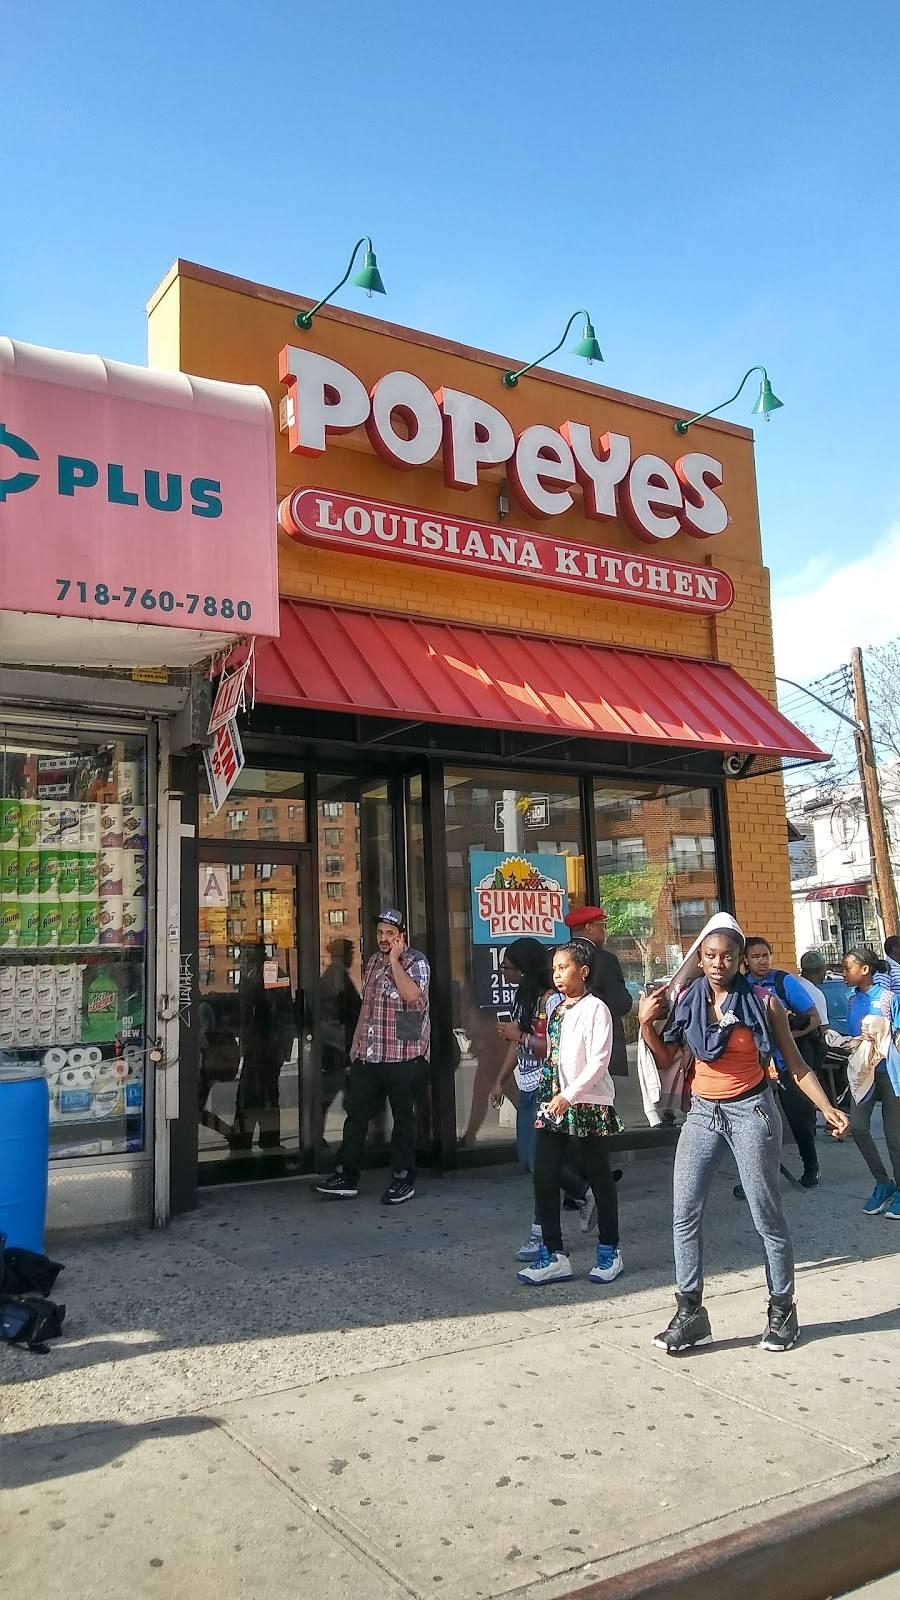 Popeyes Louisiana Kitchen   restaurant   9623 57th Ave, Corona, NY 11368, USA   7185925700 OR +1 718-592-5700